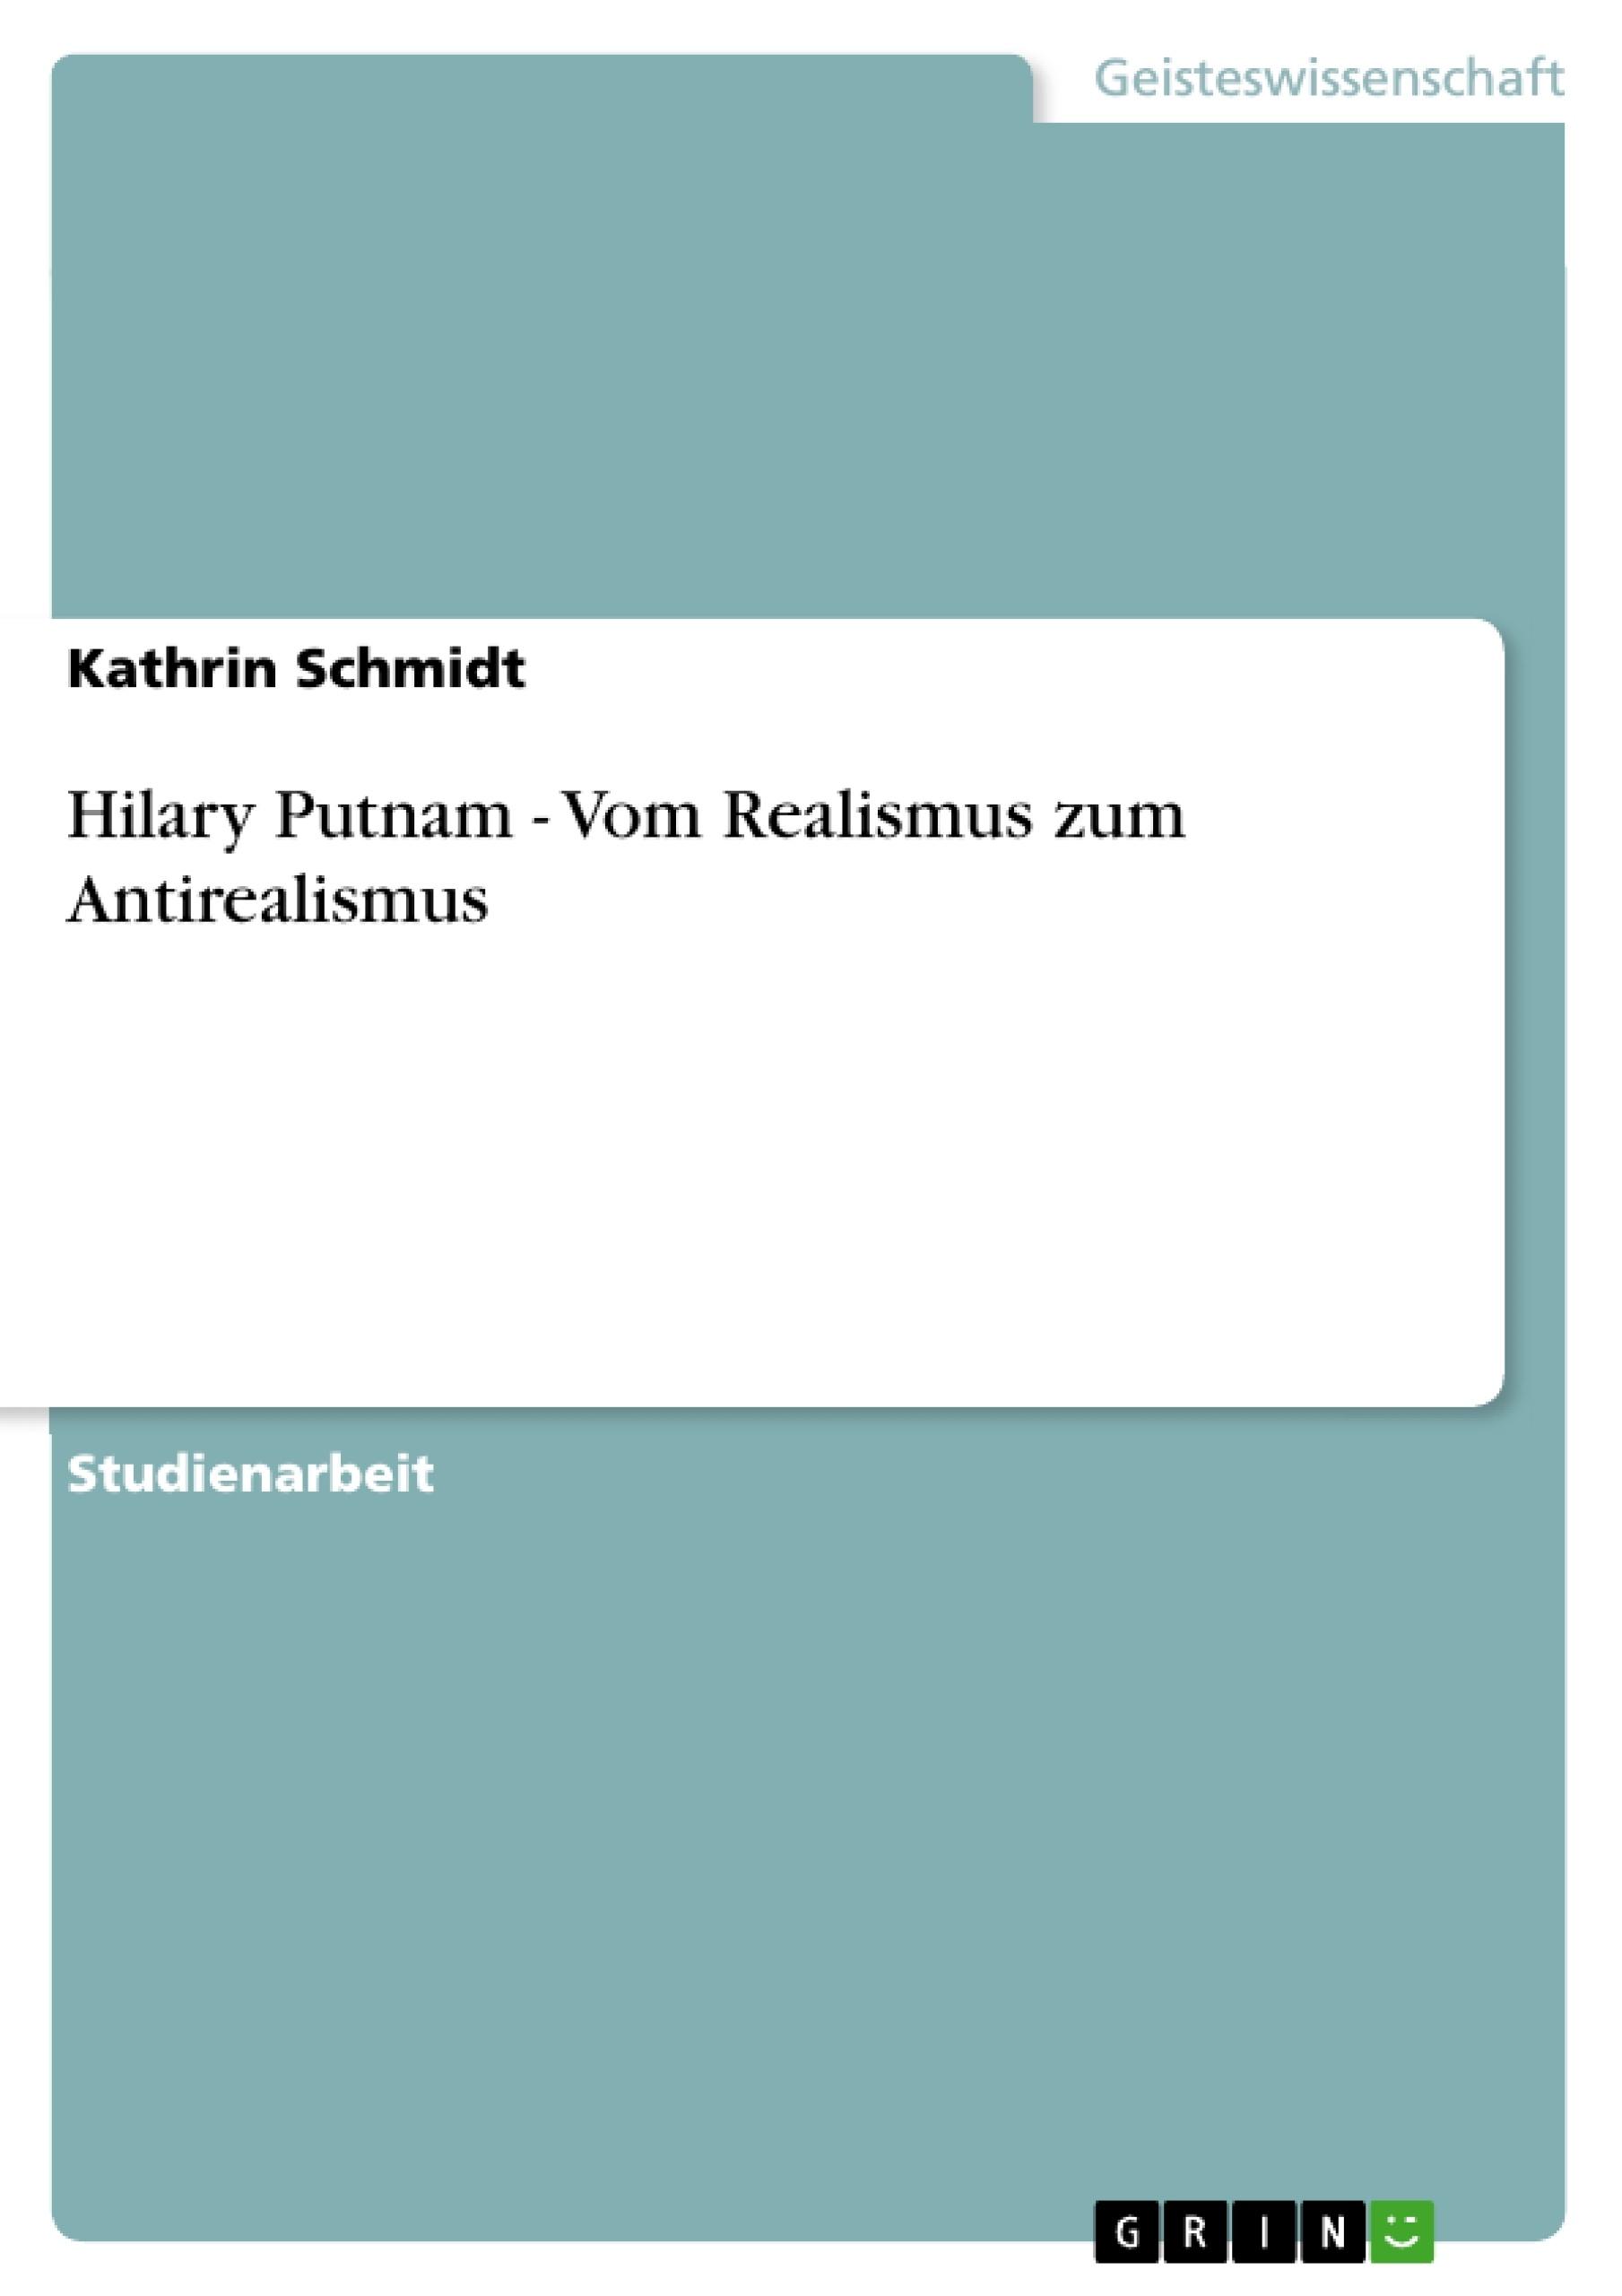 Titel: Hilary Putnam - Vom Realismus zum Antirealismus